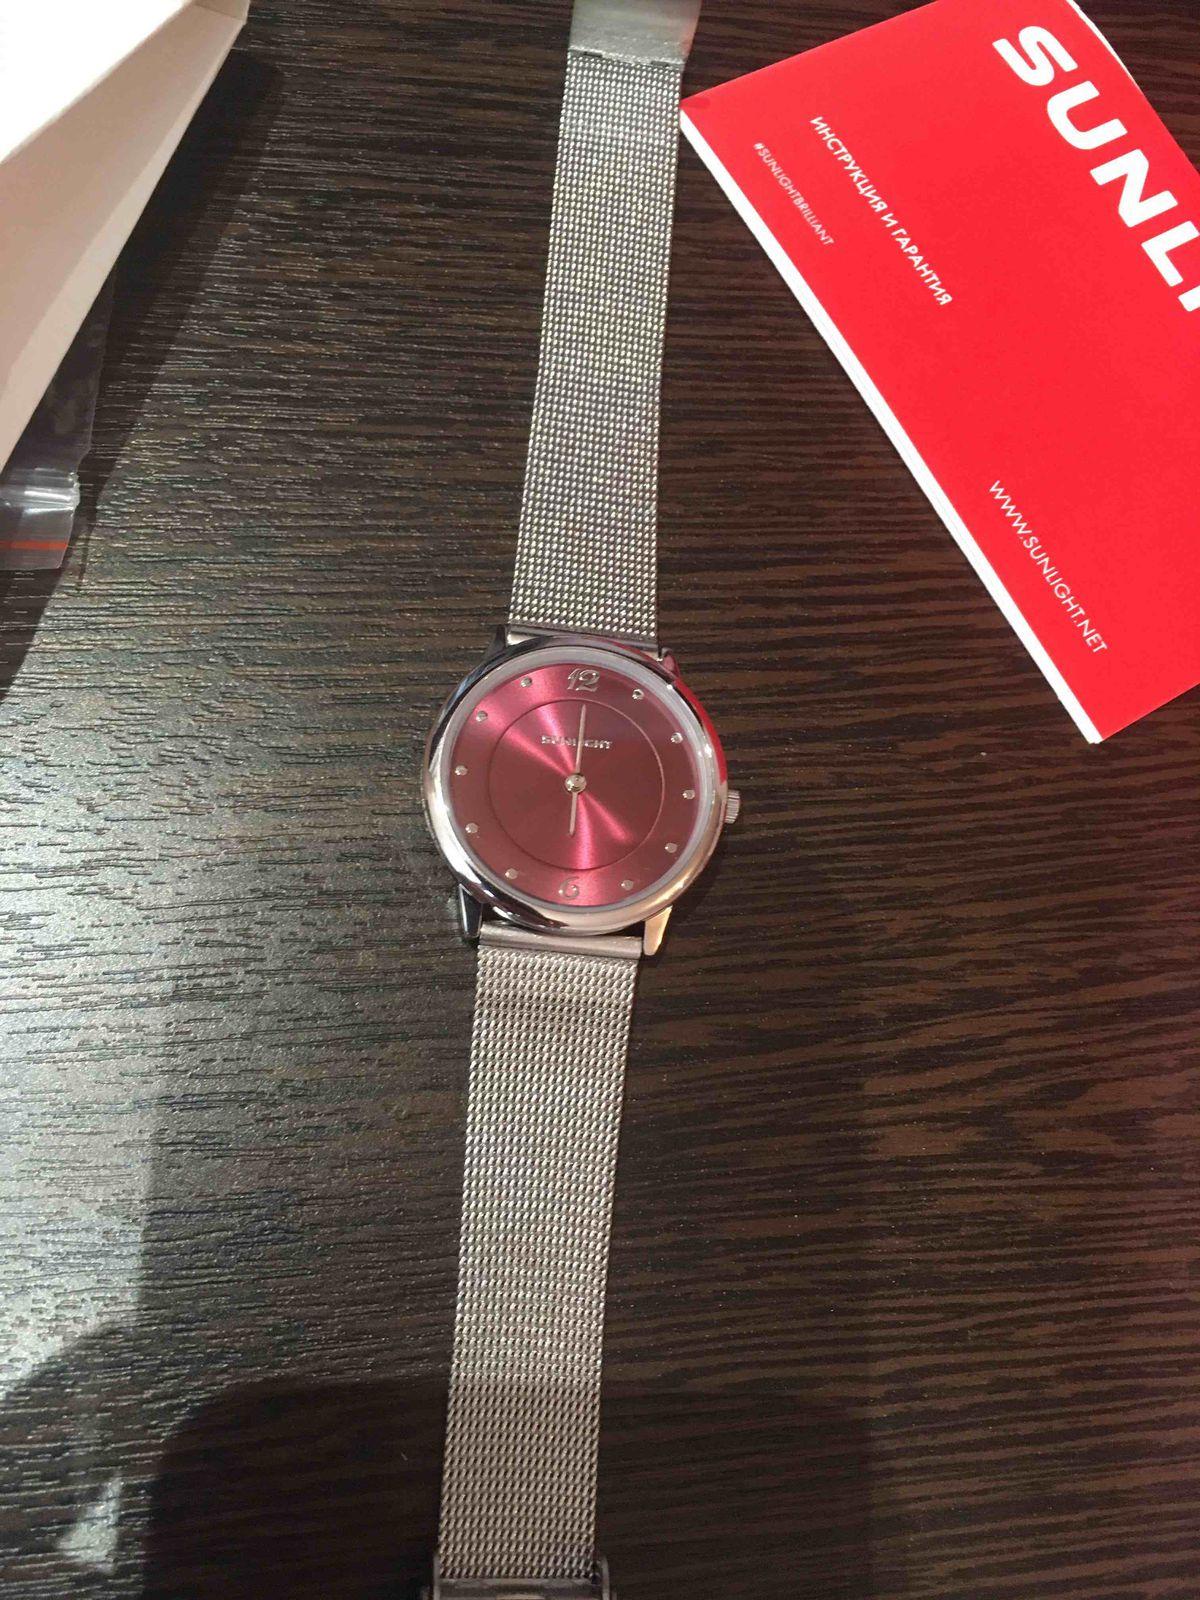 Тонкие женские часы SUNLIGHT на миланском браслете.